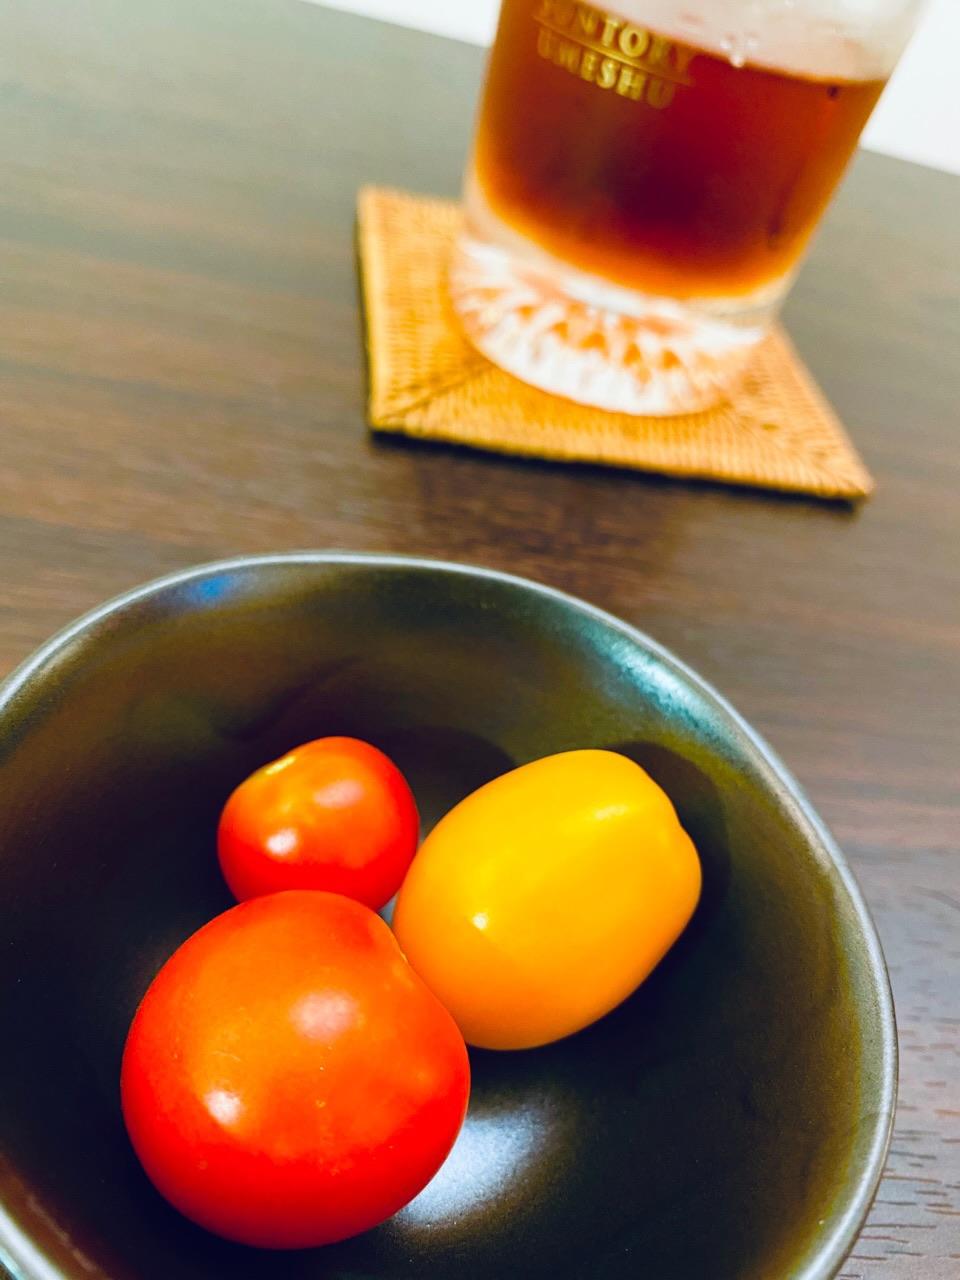 ミニトマト3種を今年初収穫。めちゃなり!トゥインクルとぺぺはなかなか甘い。ぺぺは小さめ。金あまはちょっと早く採りすぎたのか甘くなかった。 https://t.co/VXBfeBcxGi